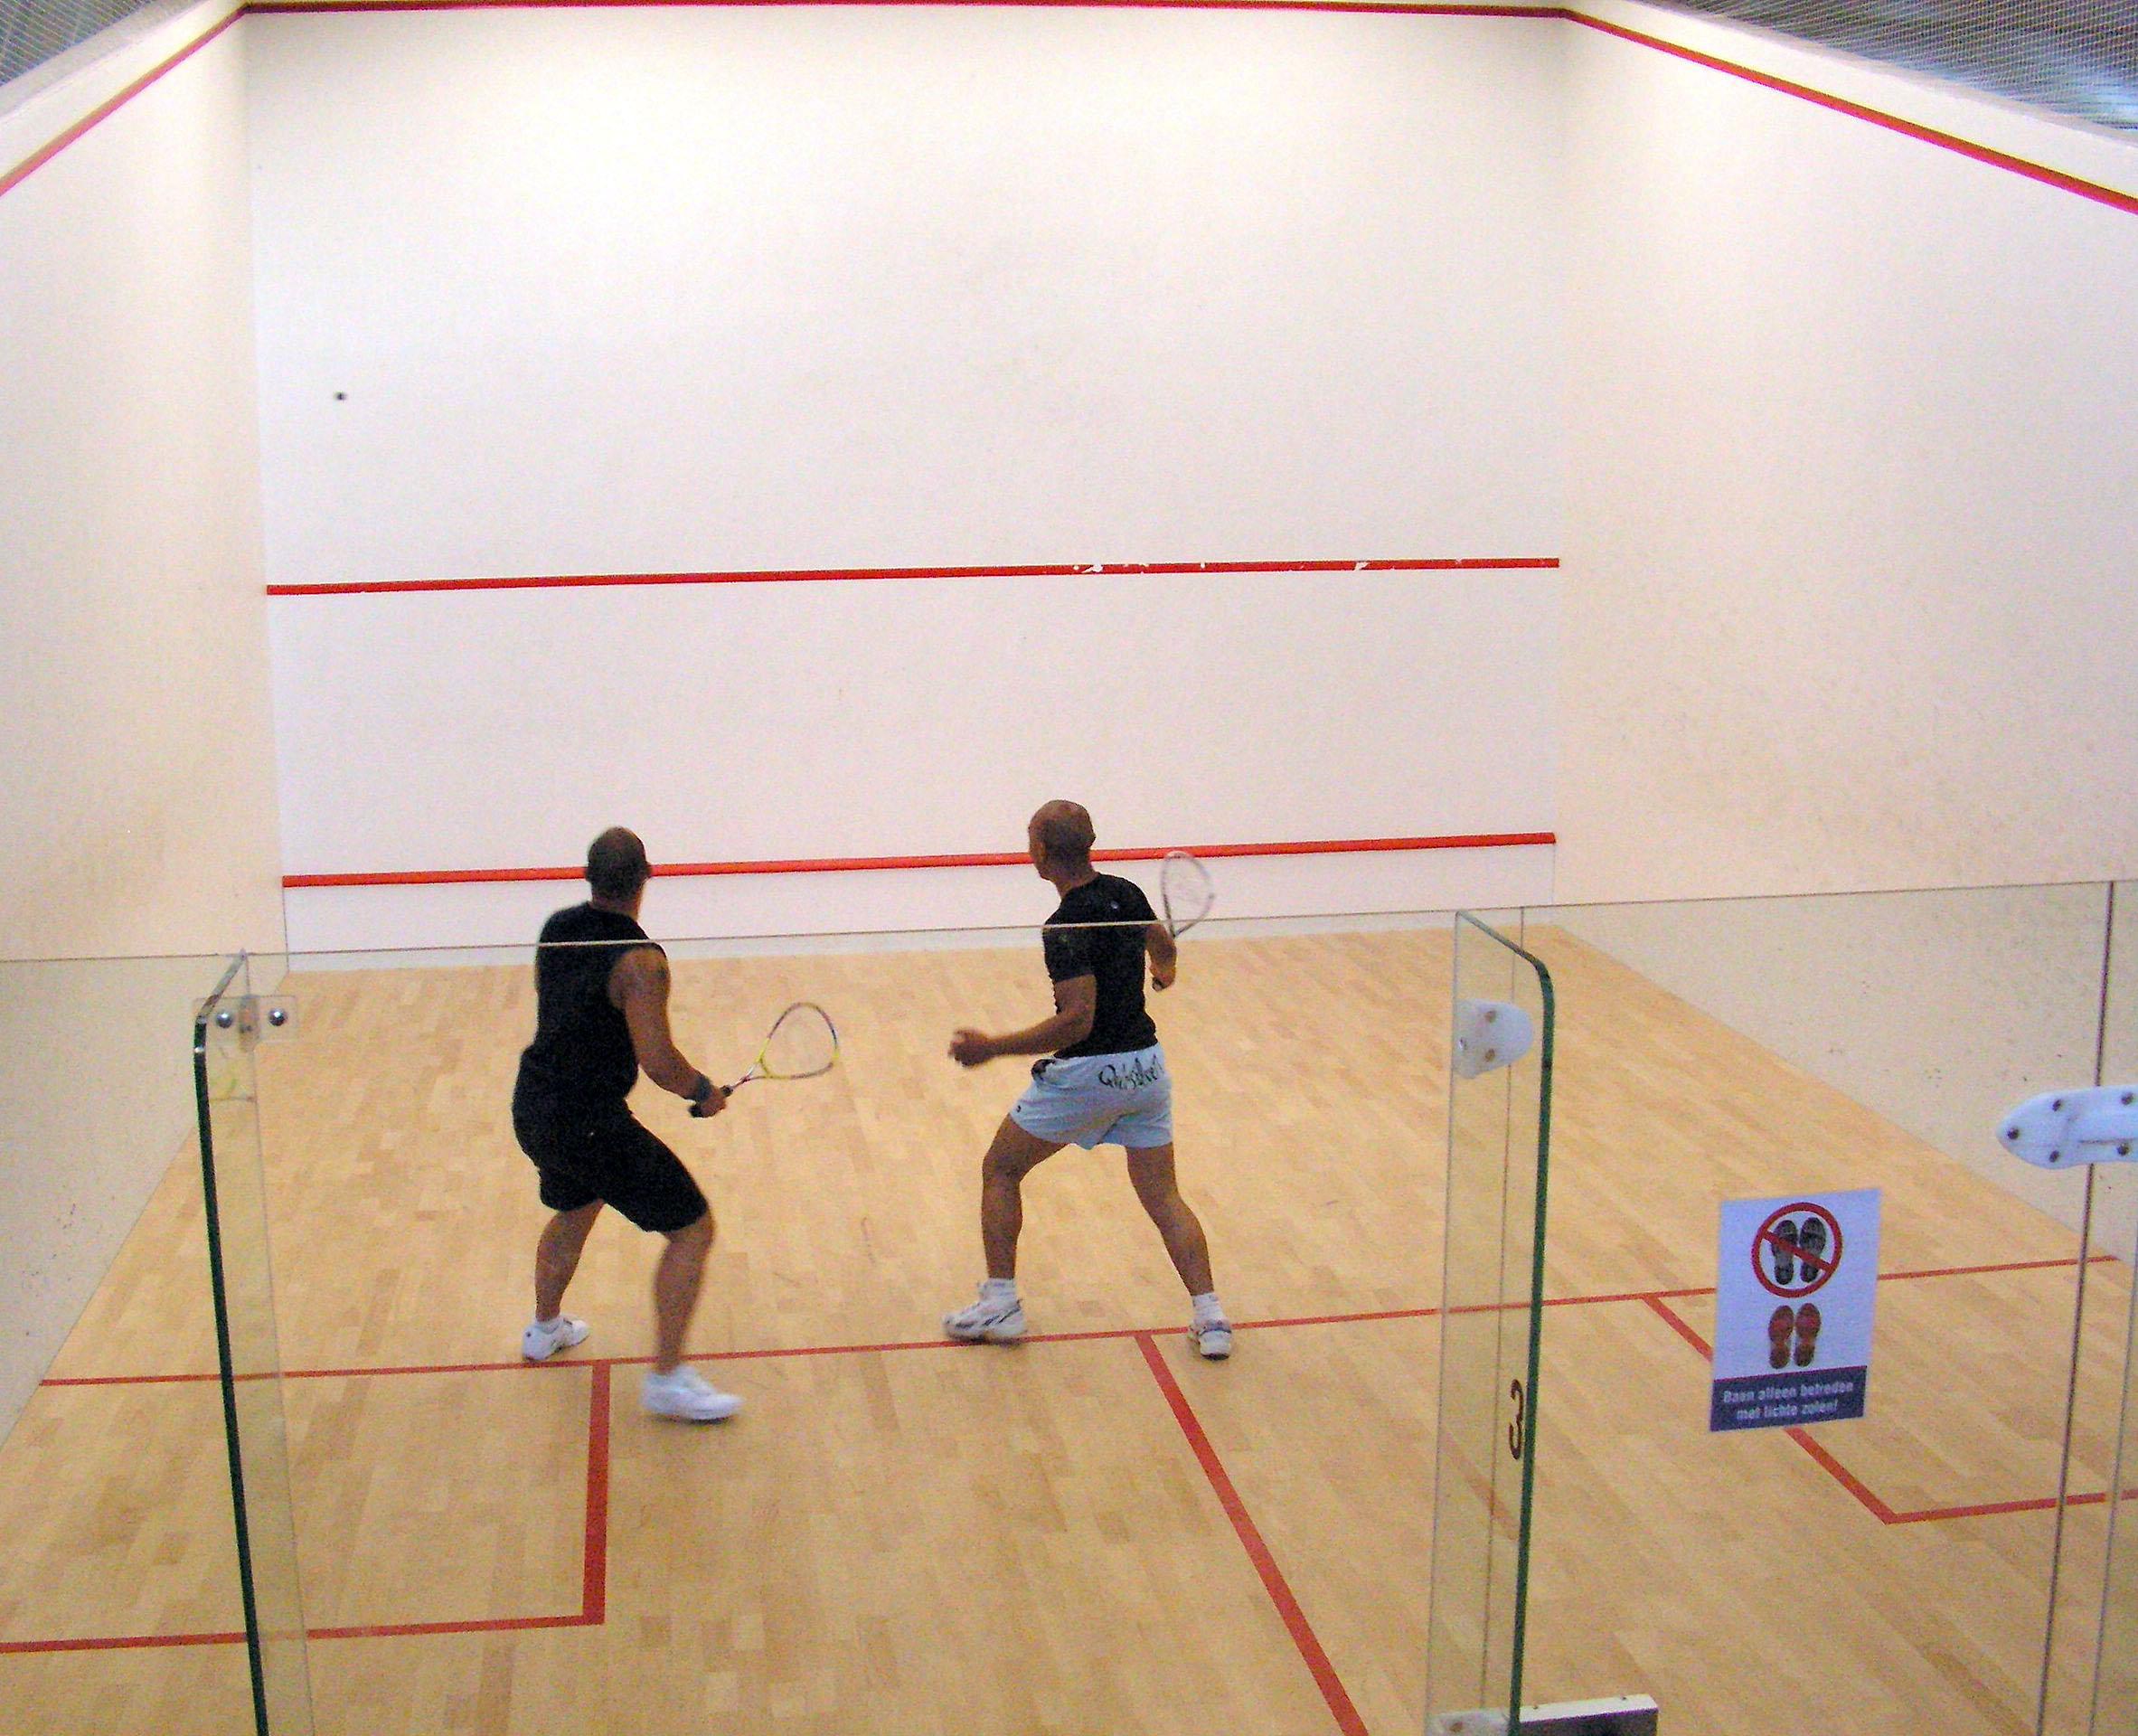 Resultado de imagen de pista de squash